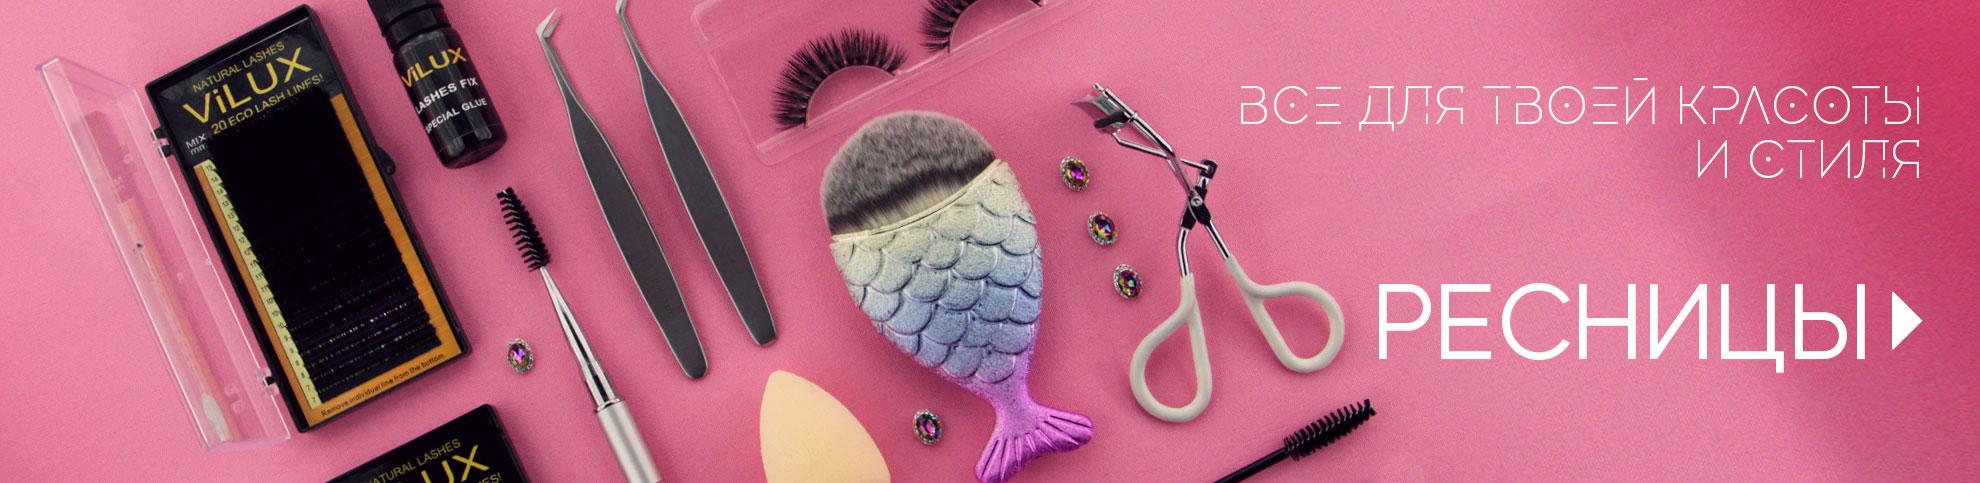 Инструменты для парикмахера. Ресницы-брови